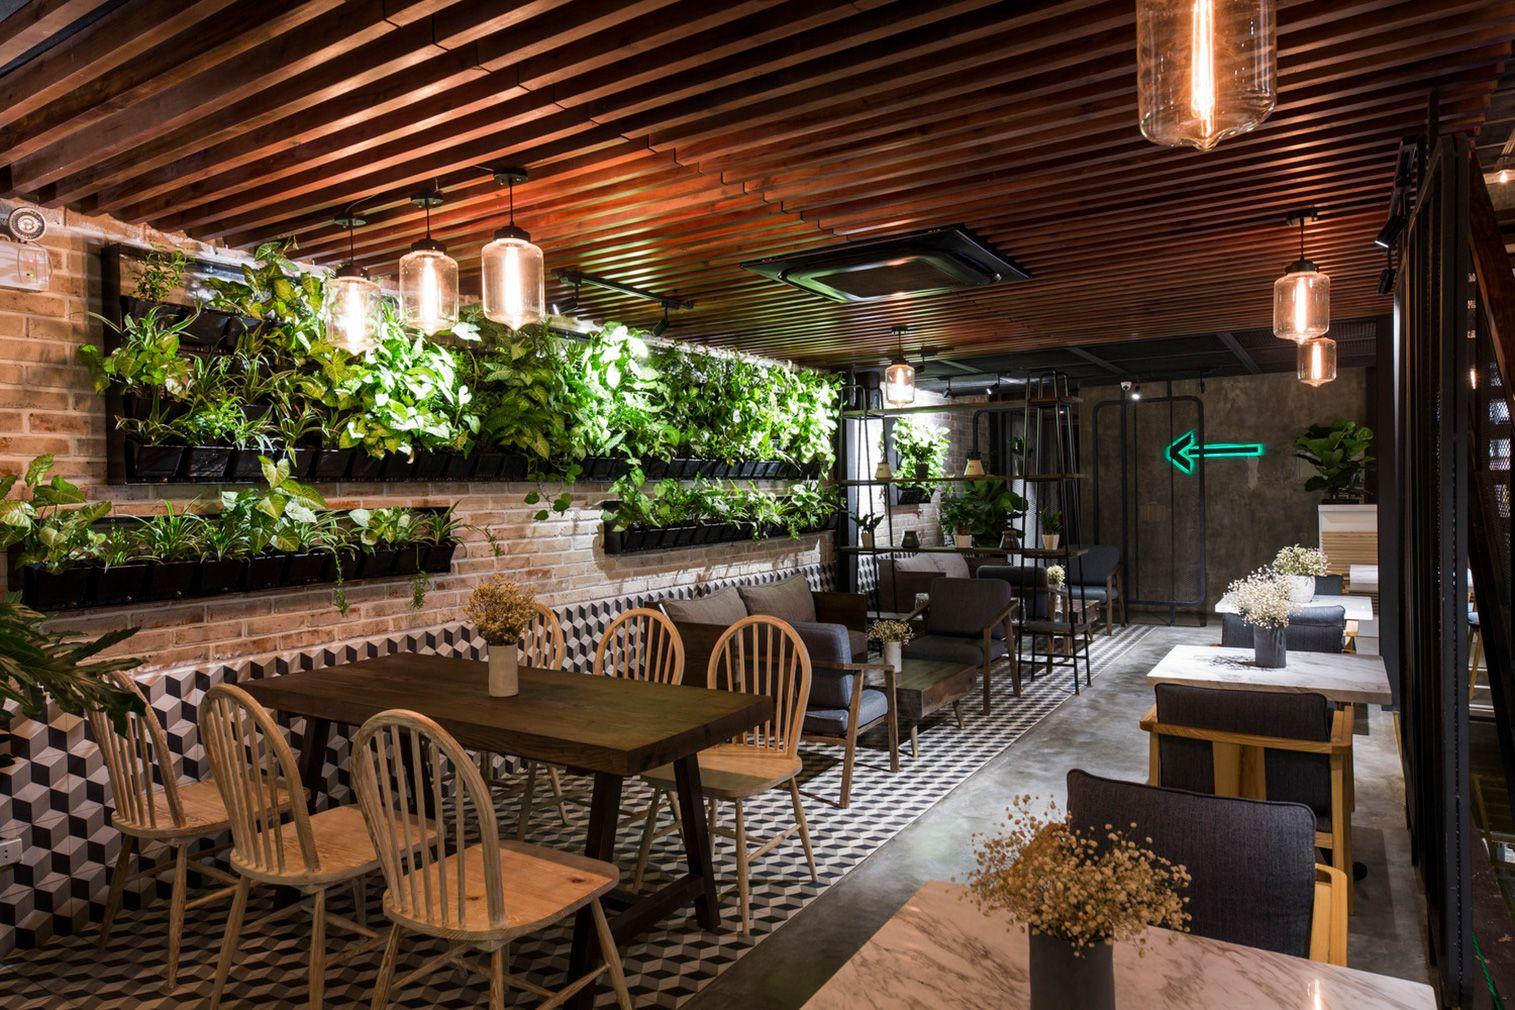 Le House Designs A Secret Garden Cafe In Hanoi Garden Cafe Cafe Design Cafe Interior Design